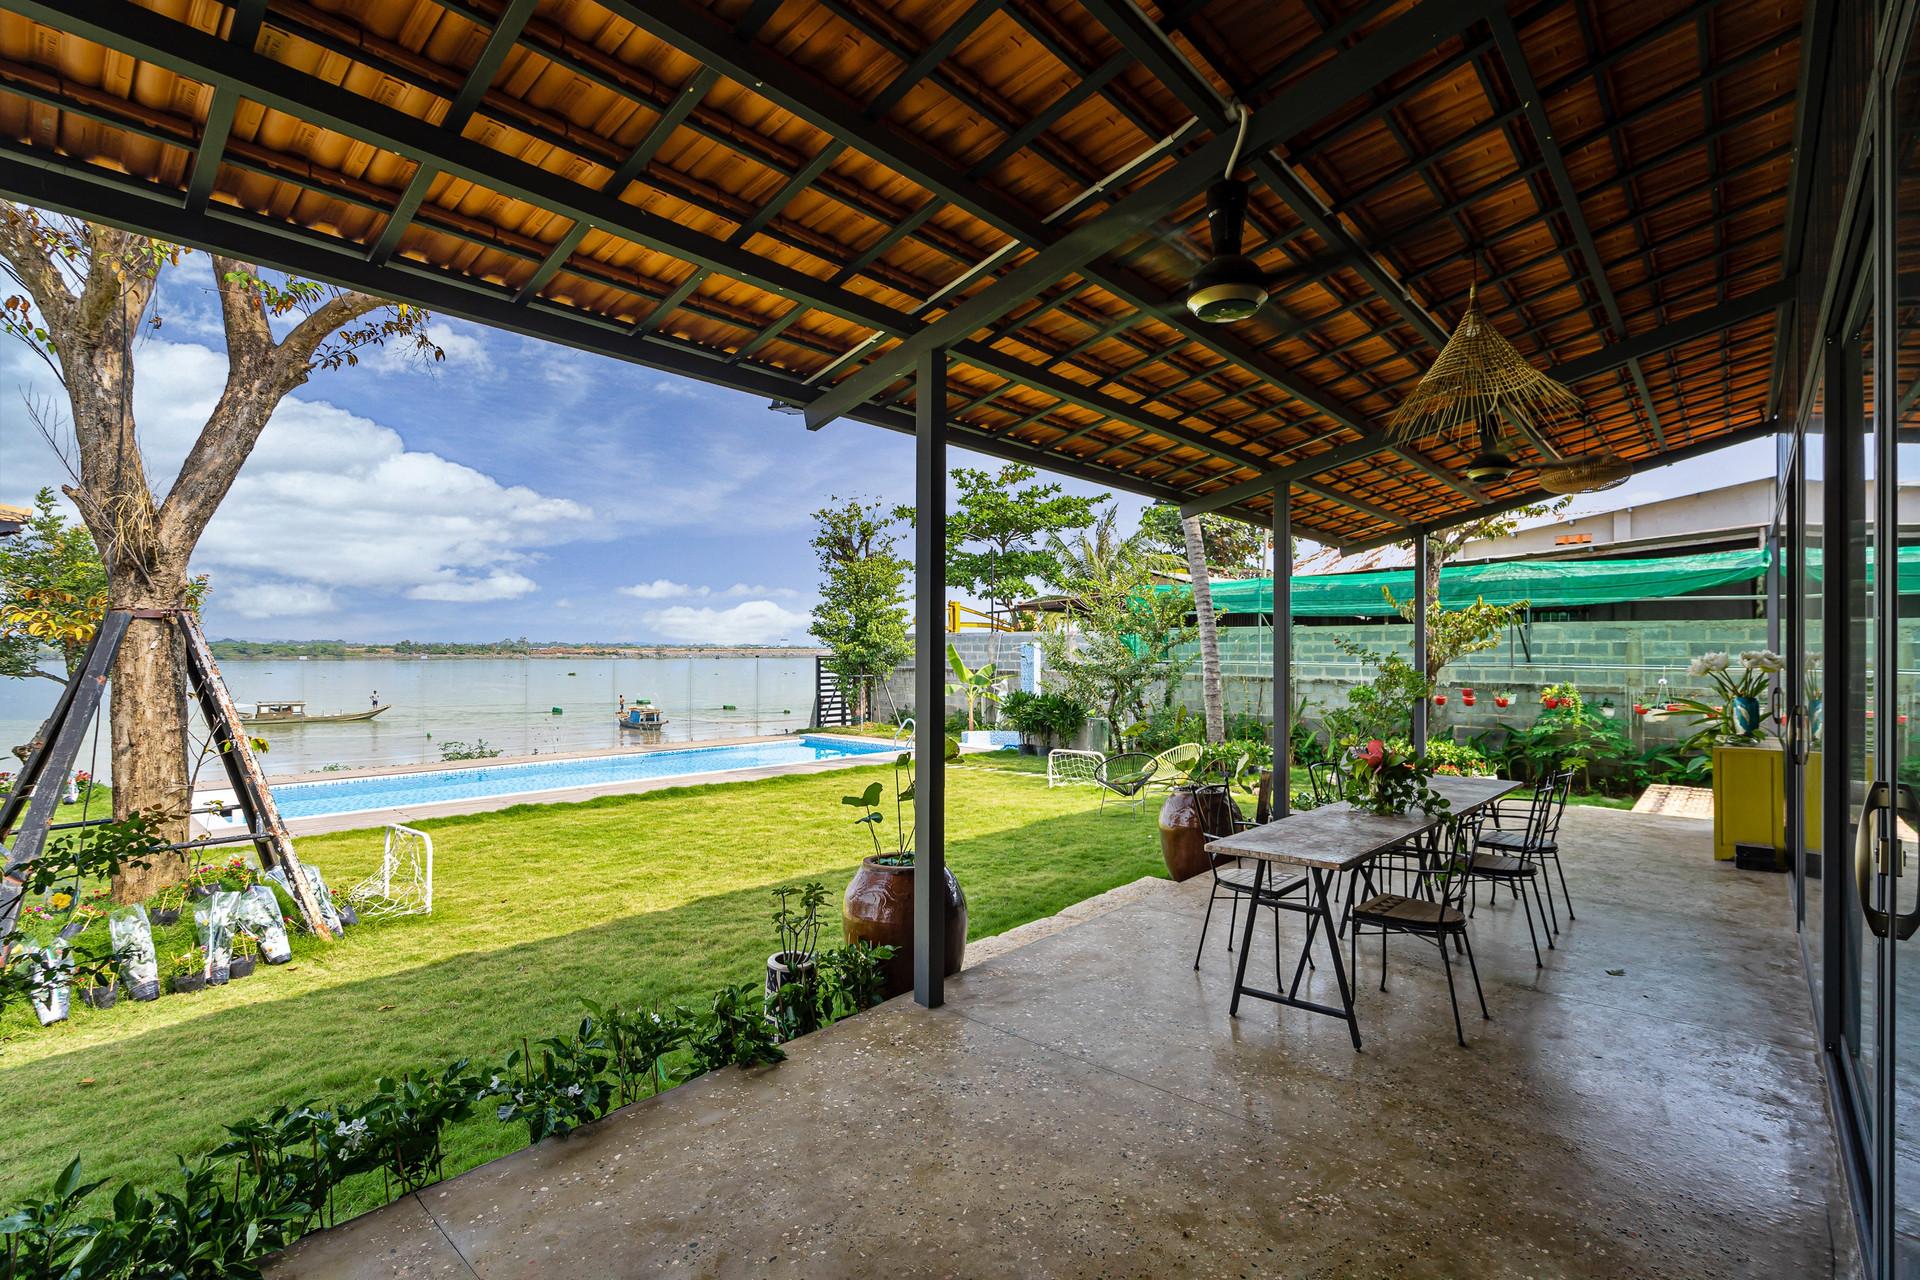 Xây nhà vườn có bể bơi né dịch, chàng trai tự thiết kế rẻ và đẹp lung linh - 4